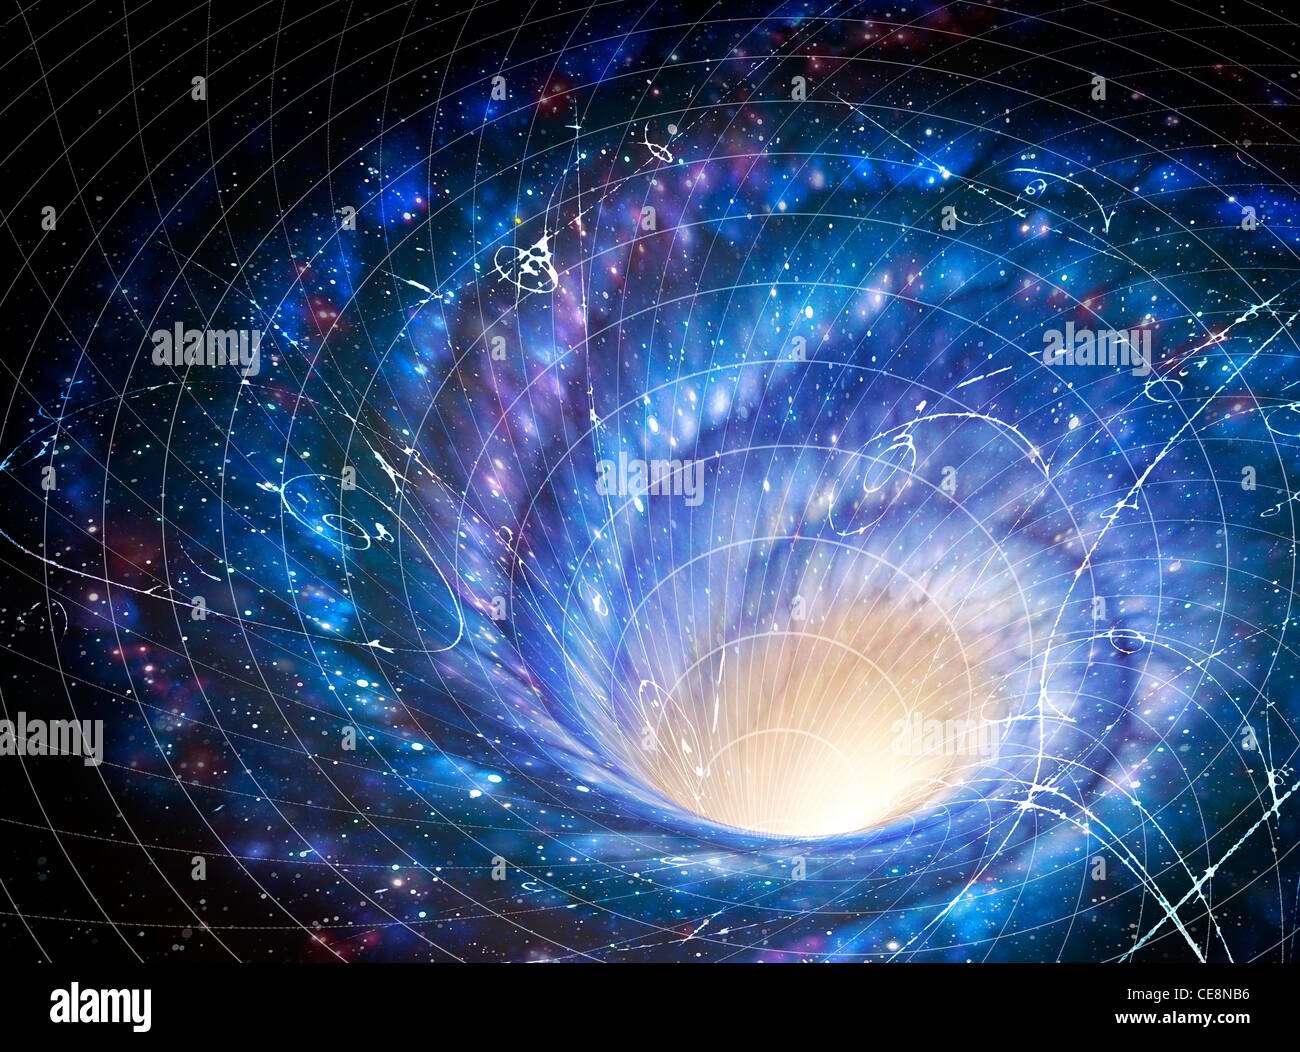 Illustration dans l'espace jacuzzi géant galaxy galaxy's effet sur l'espace image montre comment Photo Stock